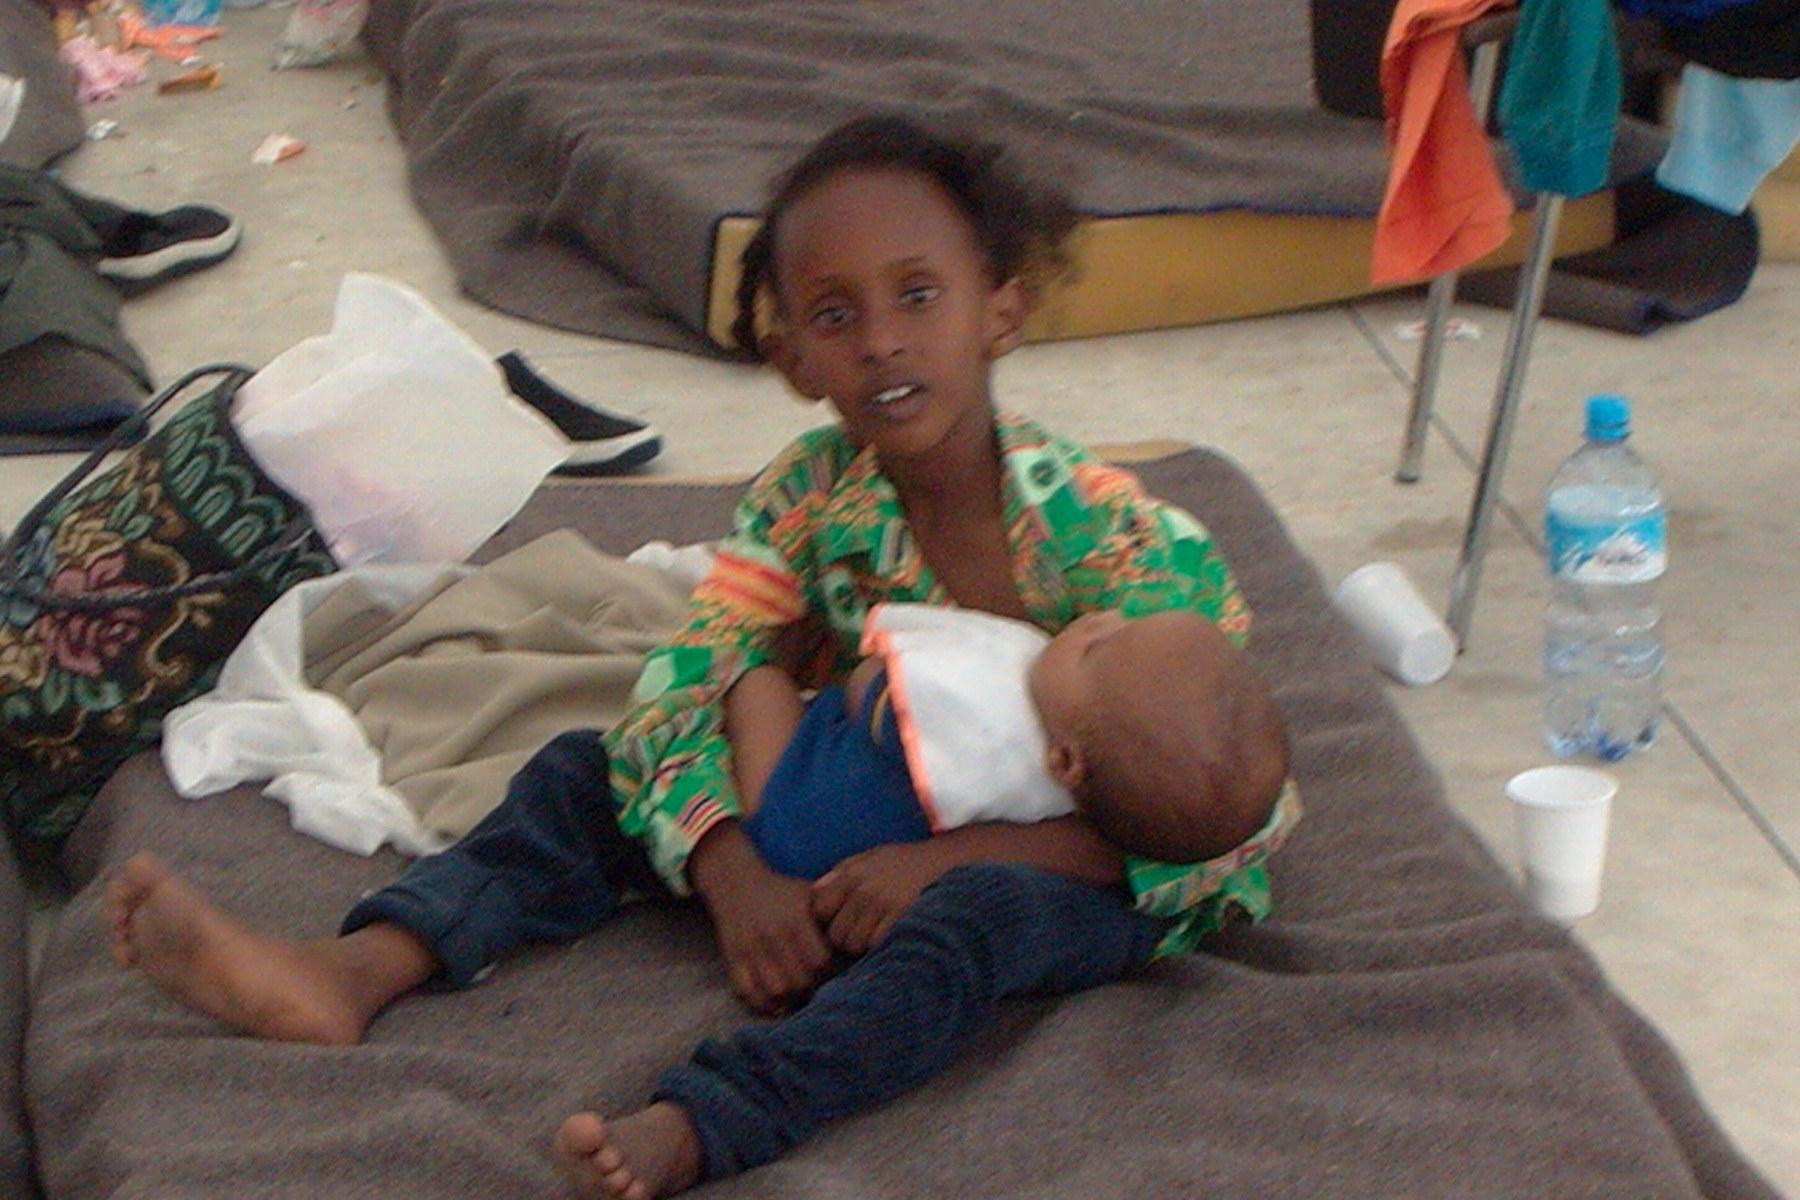 Sbarchi la storia di zenabou dopo diversi mesi riabbraccia la figlia di 4 anni - Anni mesi giorni gemelli diversi ...